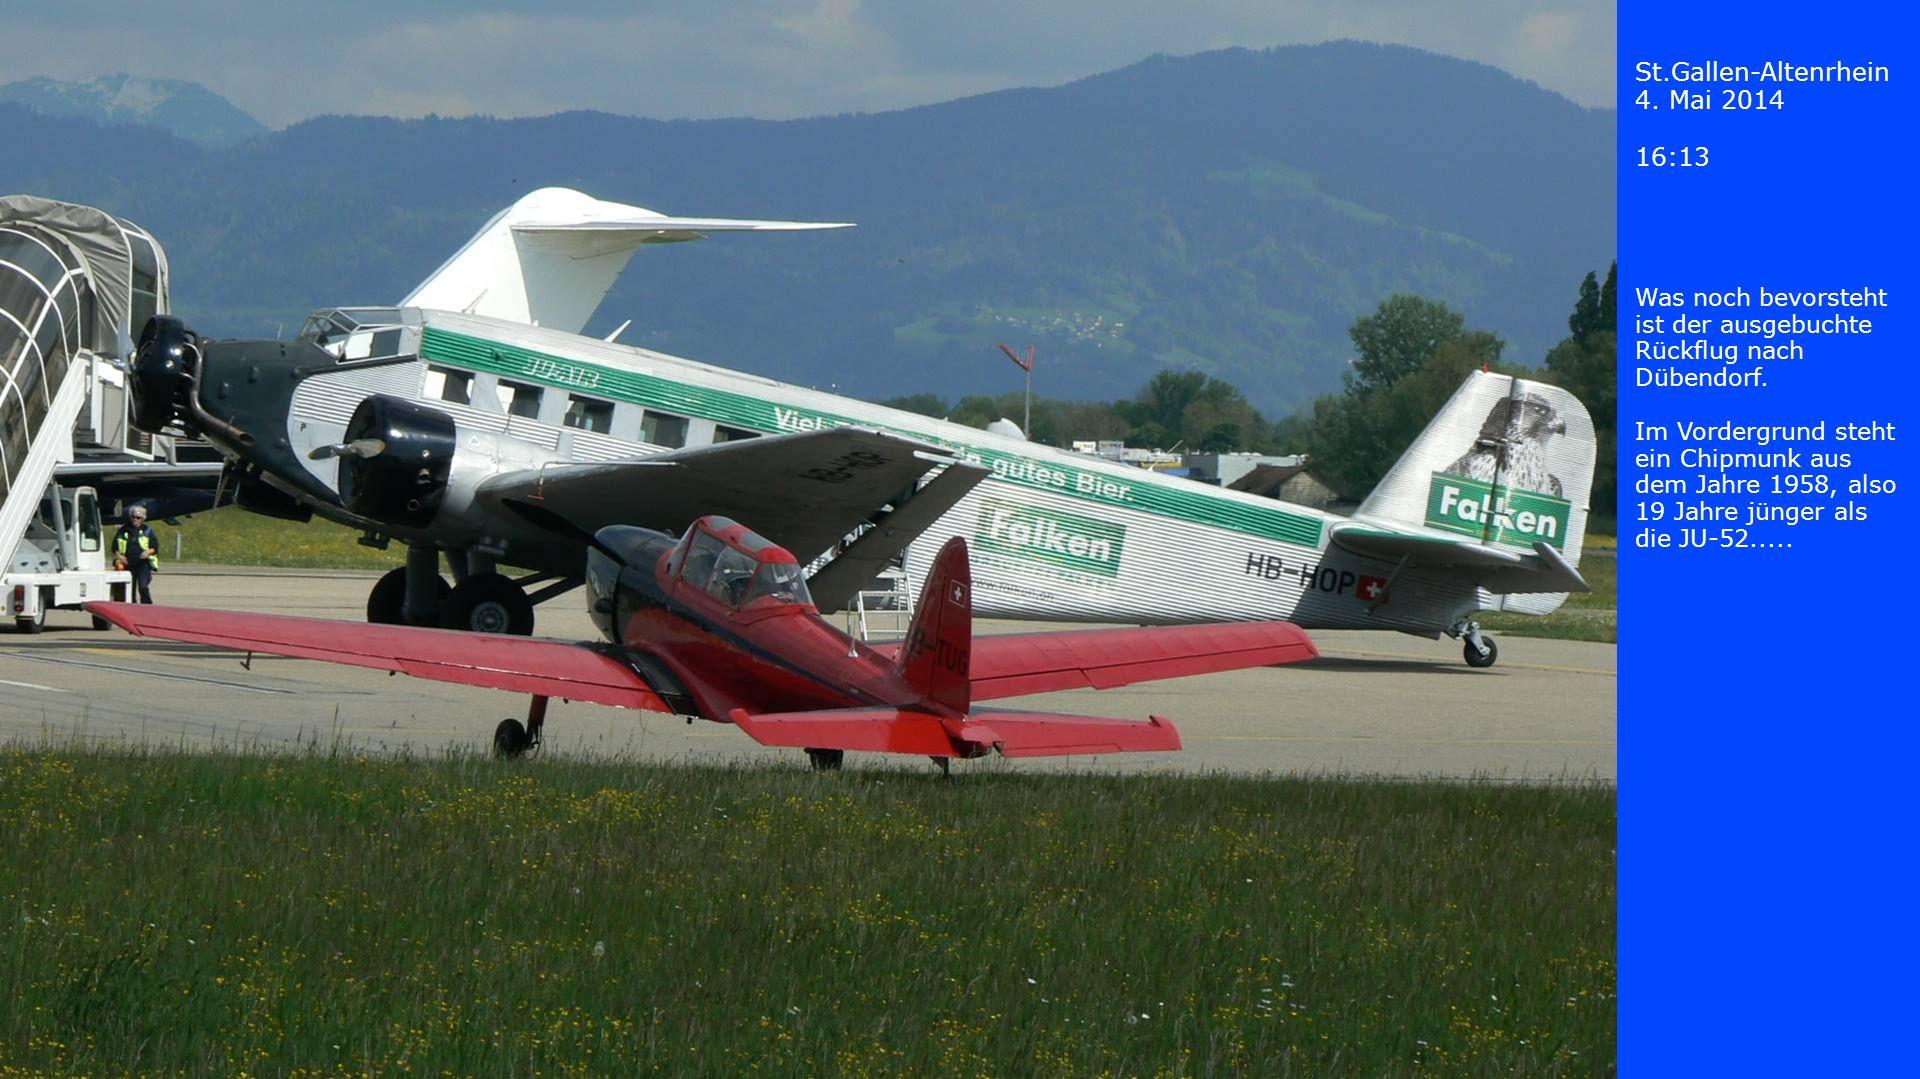 St.Gallen-Altenrhein 4. Mai 2014 16:13 Was noch bevorsteht ist der ausgebuchte Rückflug nach Dübendorf. Im Vordergrund steht ein Chipmunk aus dem Jahr